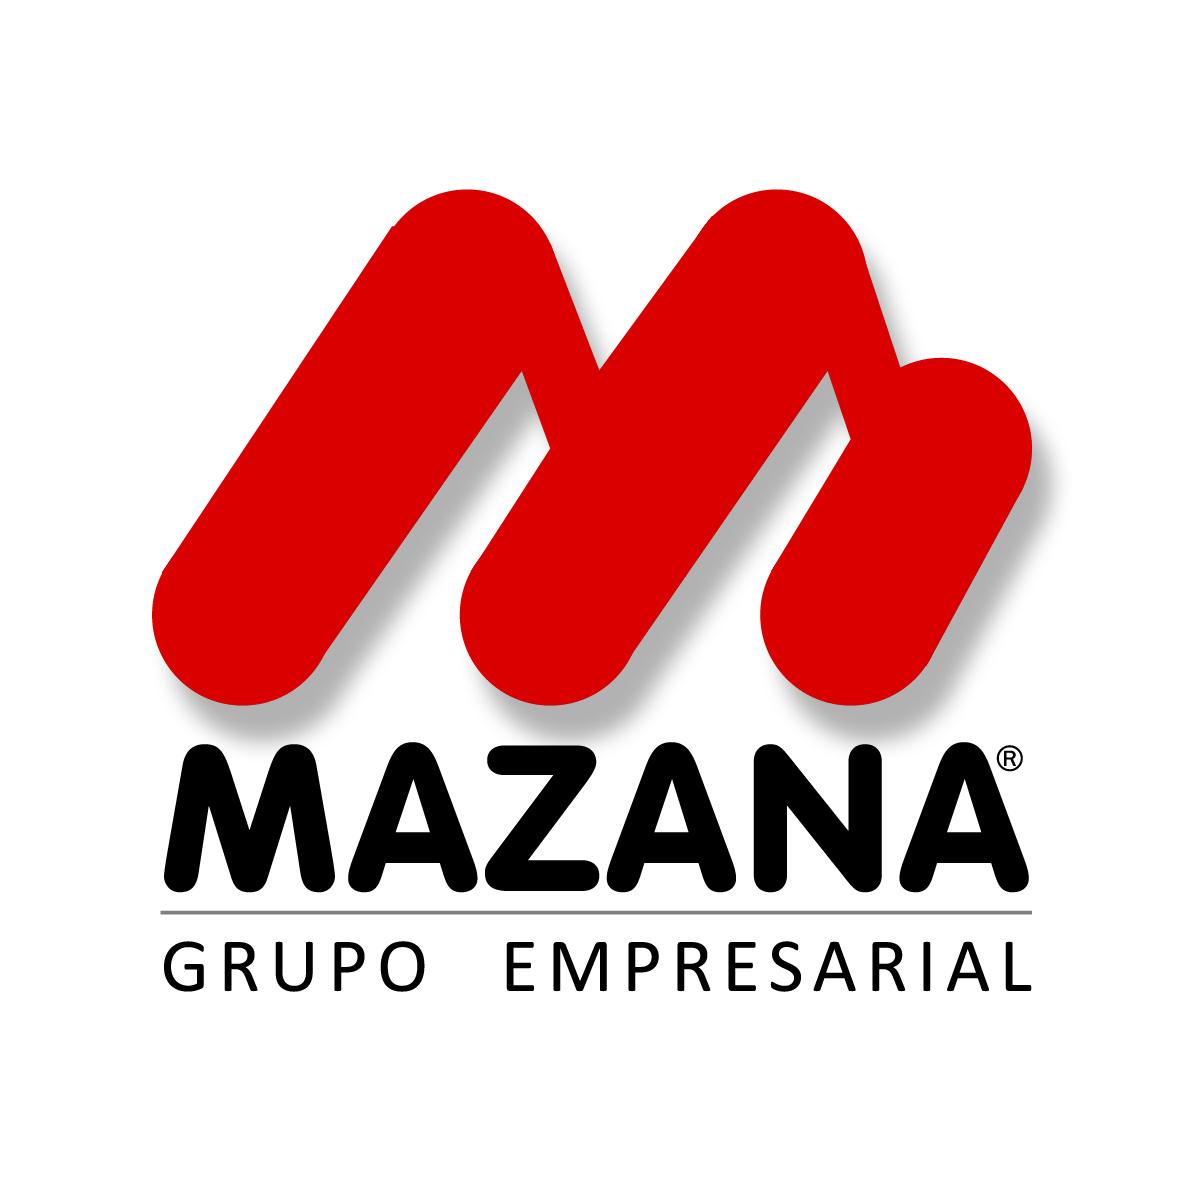 Mazana